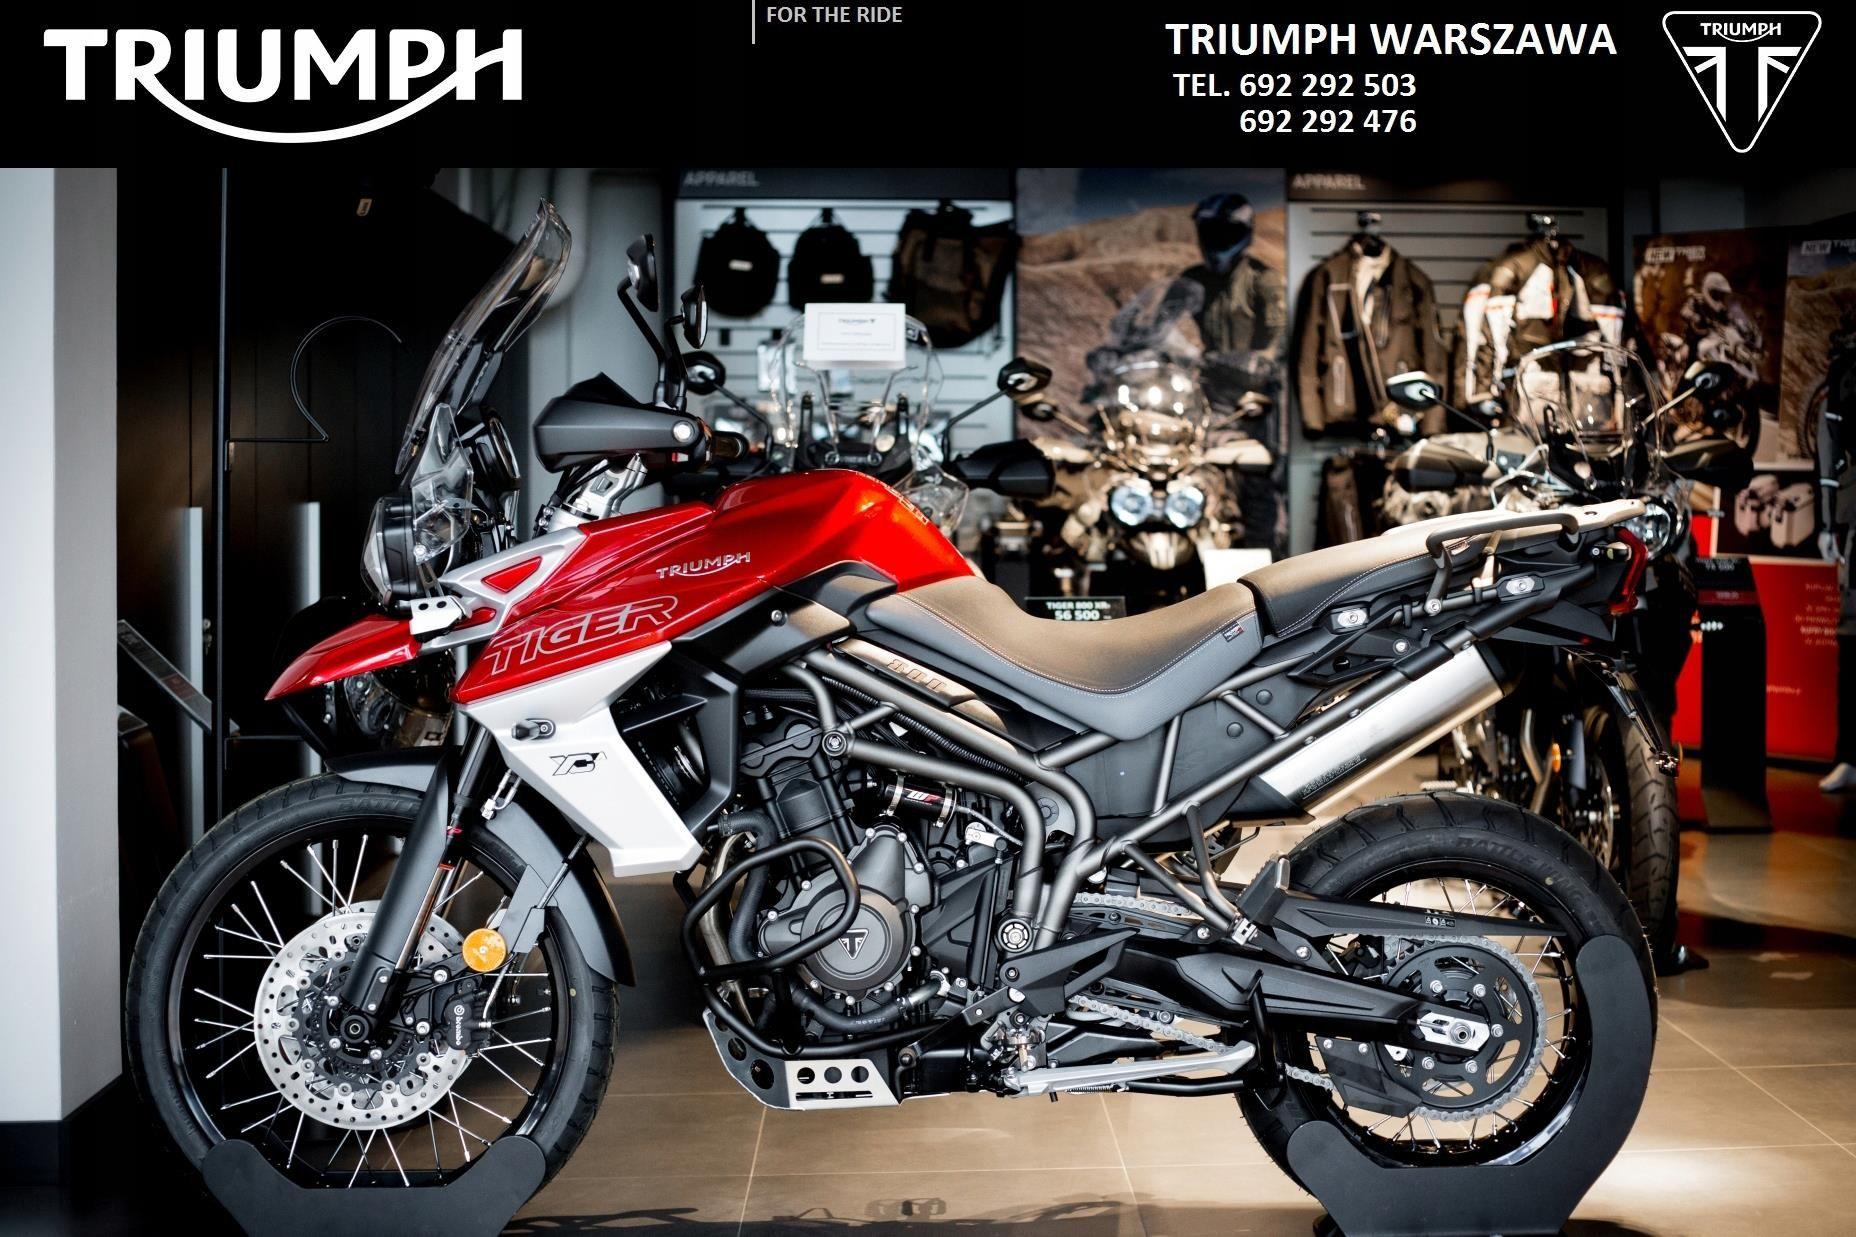 Triumph Tiger 800 Xca Promocja Opinie I Ceny Na Ceneo Pl